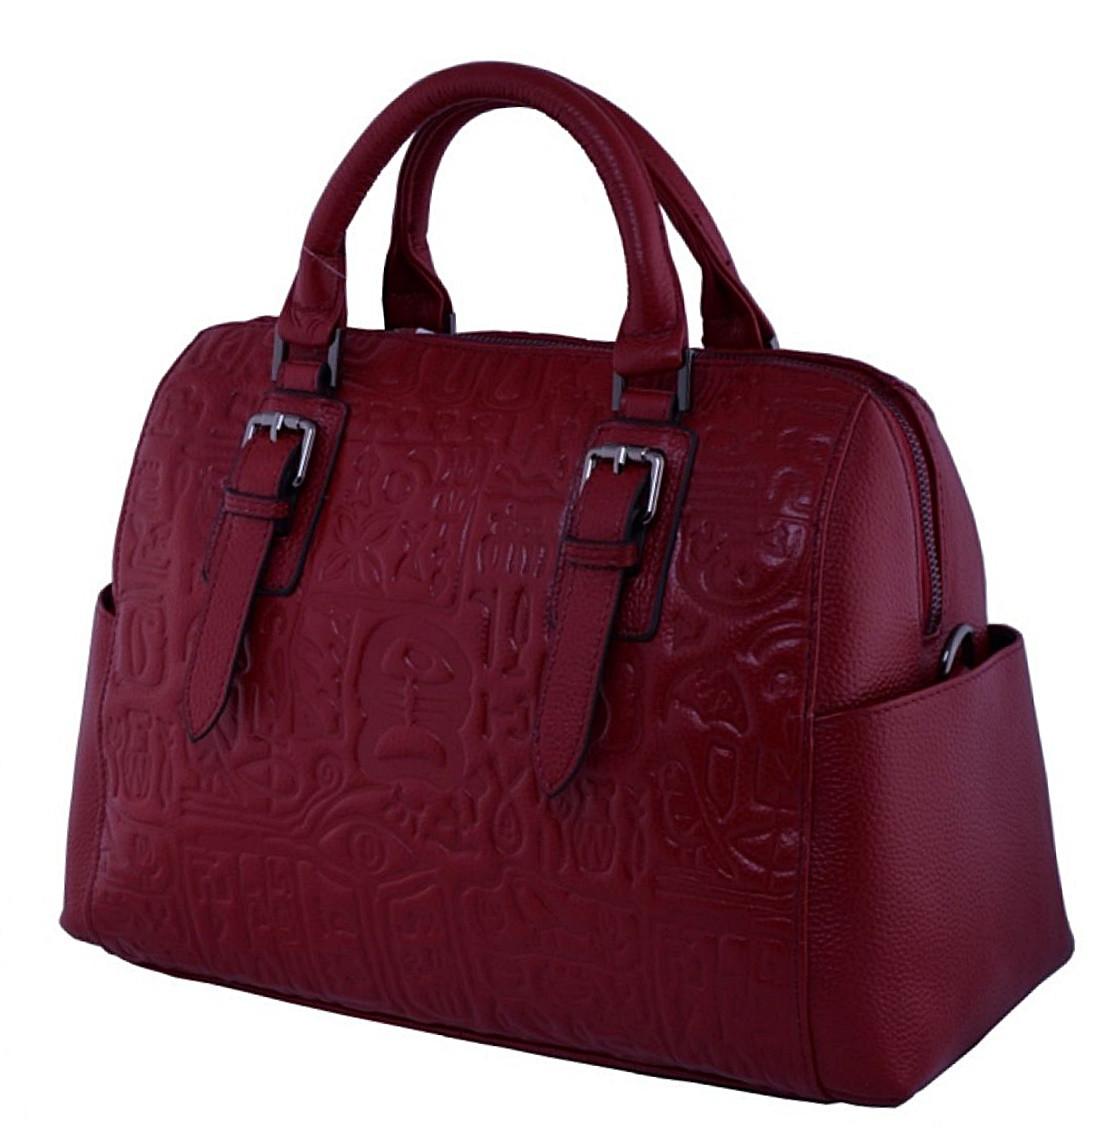 Женская кожаная сумка 9015 красный Кожаные женские сумки купить Одесса 7 км  - Интернет магазин